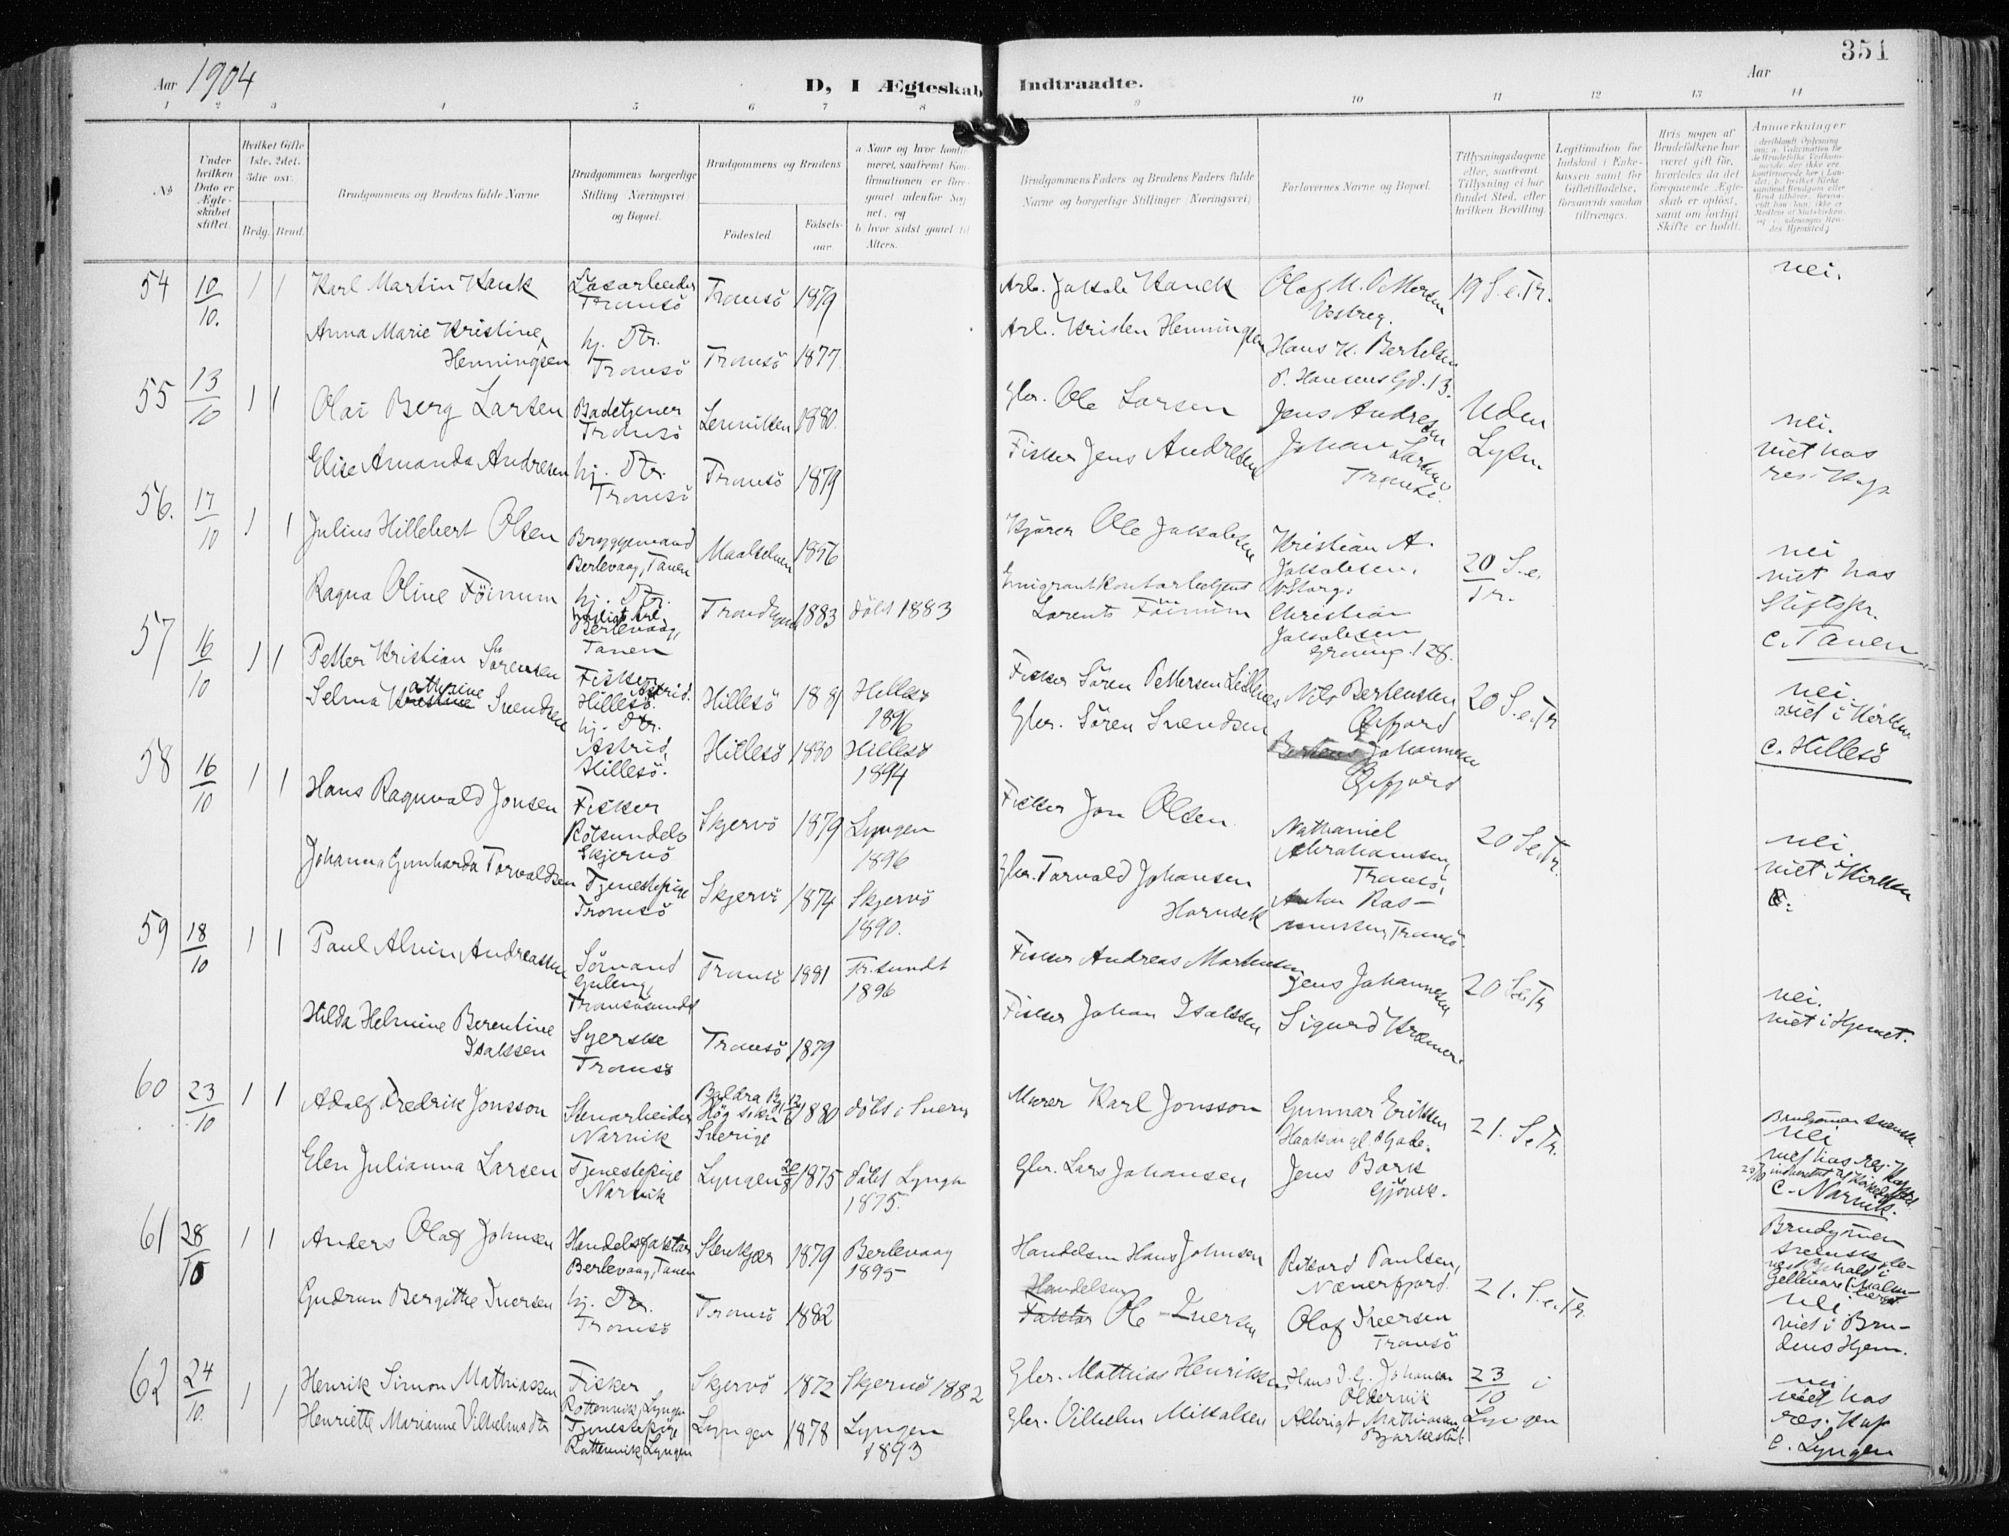 SATØ, Tromsø sokneprestkontor/stiftsprosti/domprosti, G/Ga/L0016kirke: Ministerialbok nr. 16, 1899-1906, s. 351